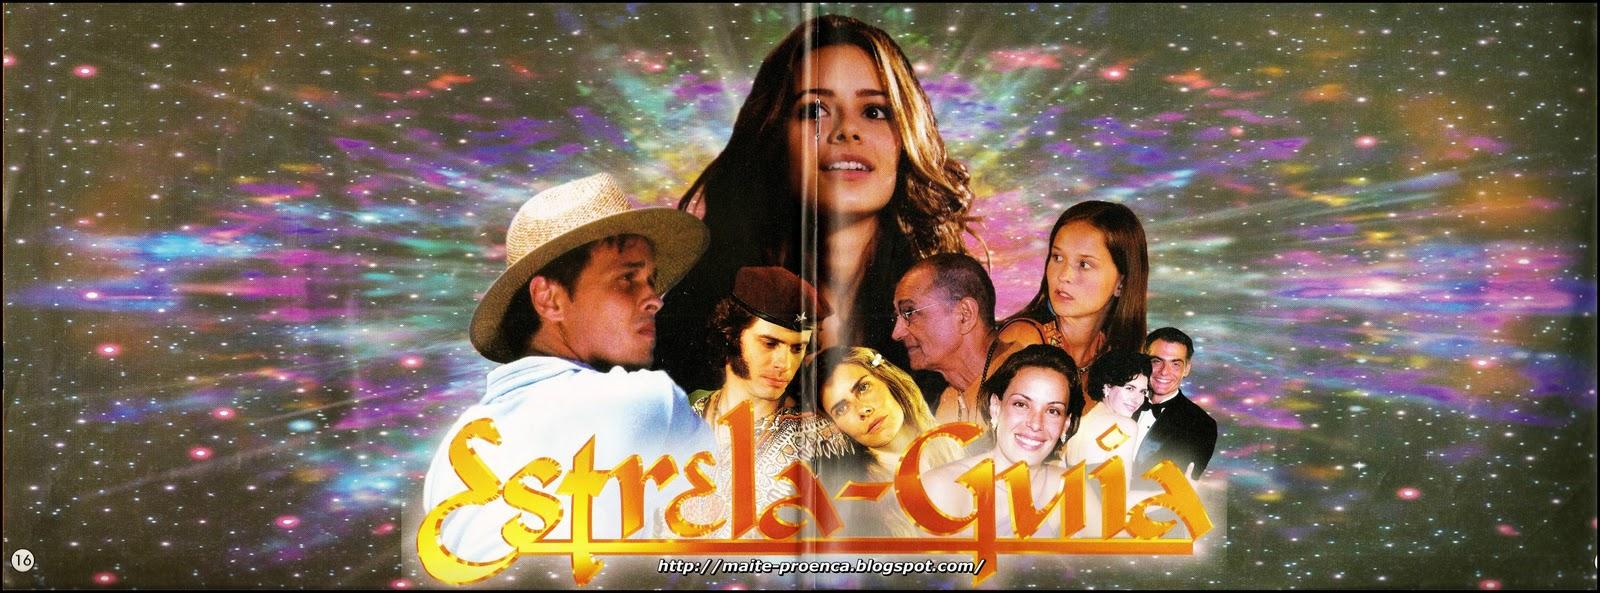 691+2001+Estrela+Guia+Album+(34).jpg